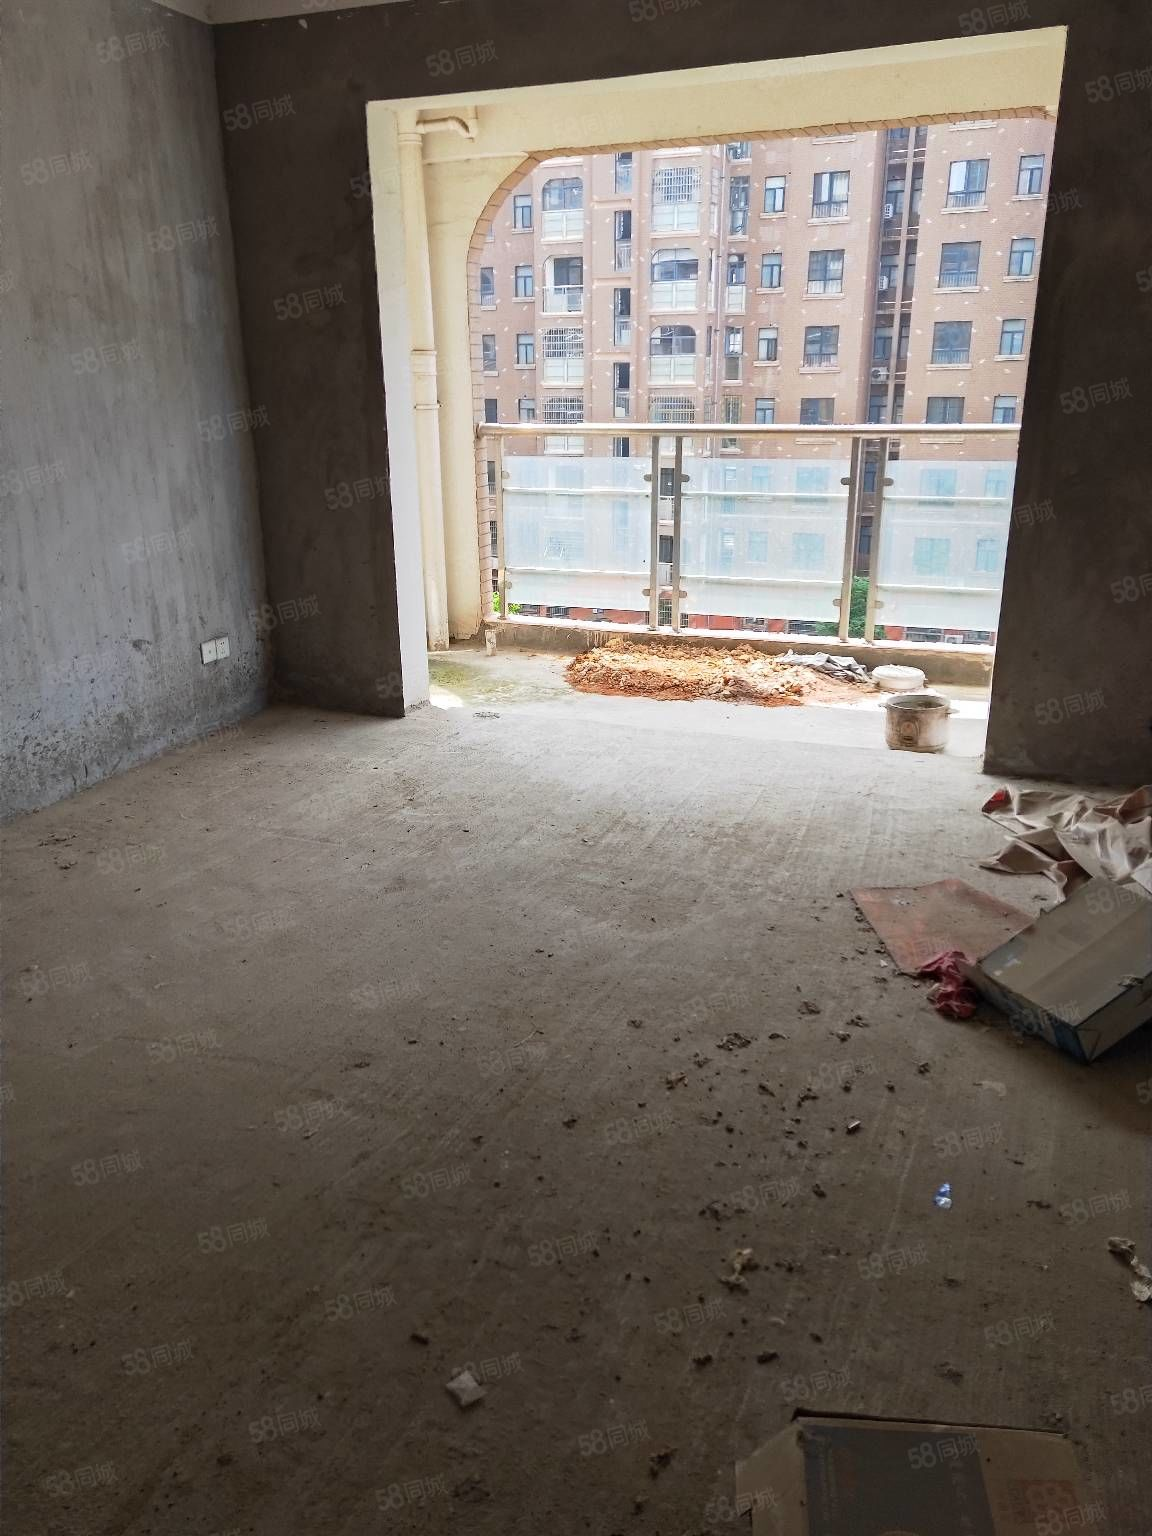 二中隔壁電梯房景觀房!前后無遮擋!陽光滿屋!隨時看房!誠心賣